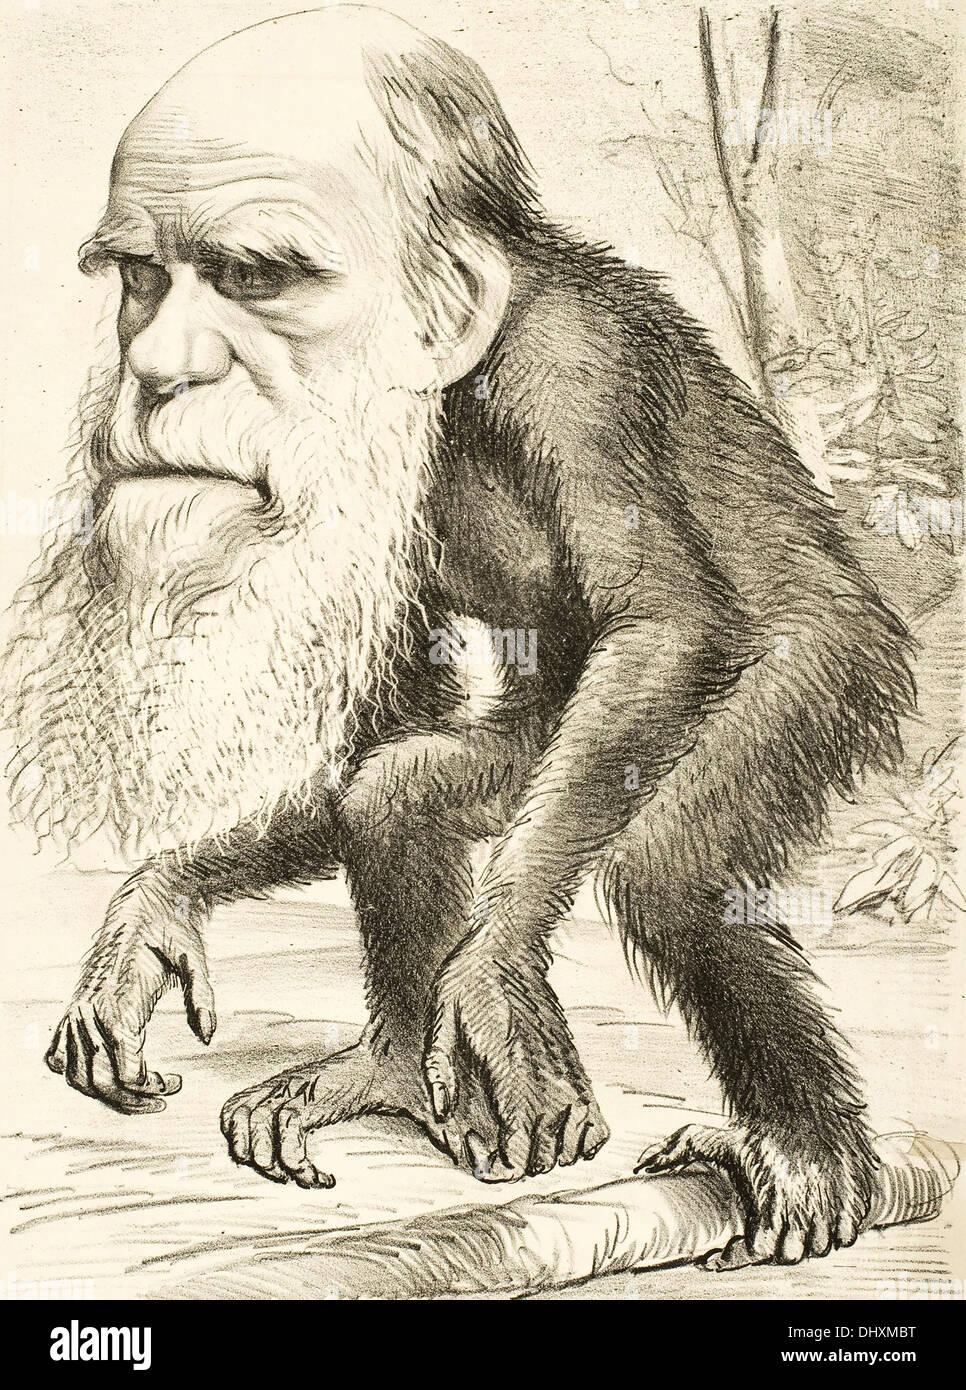 Caricatura de Charles Darwin 1871 Imagen De Stock